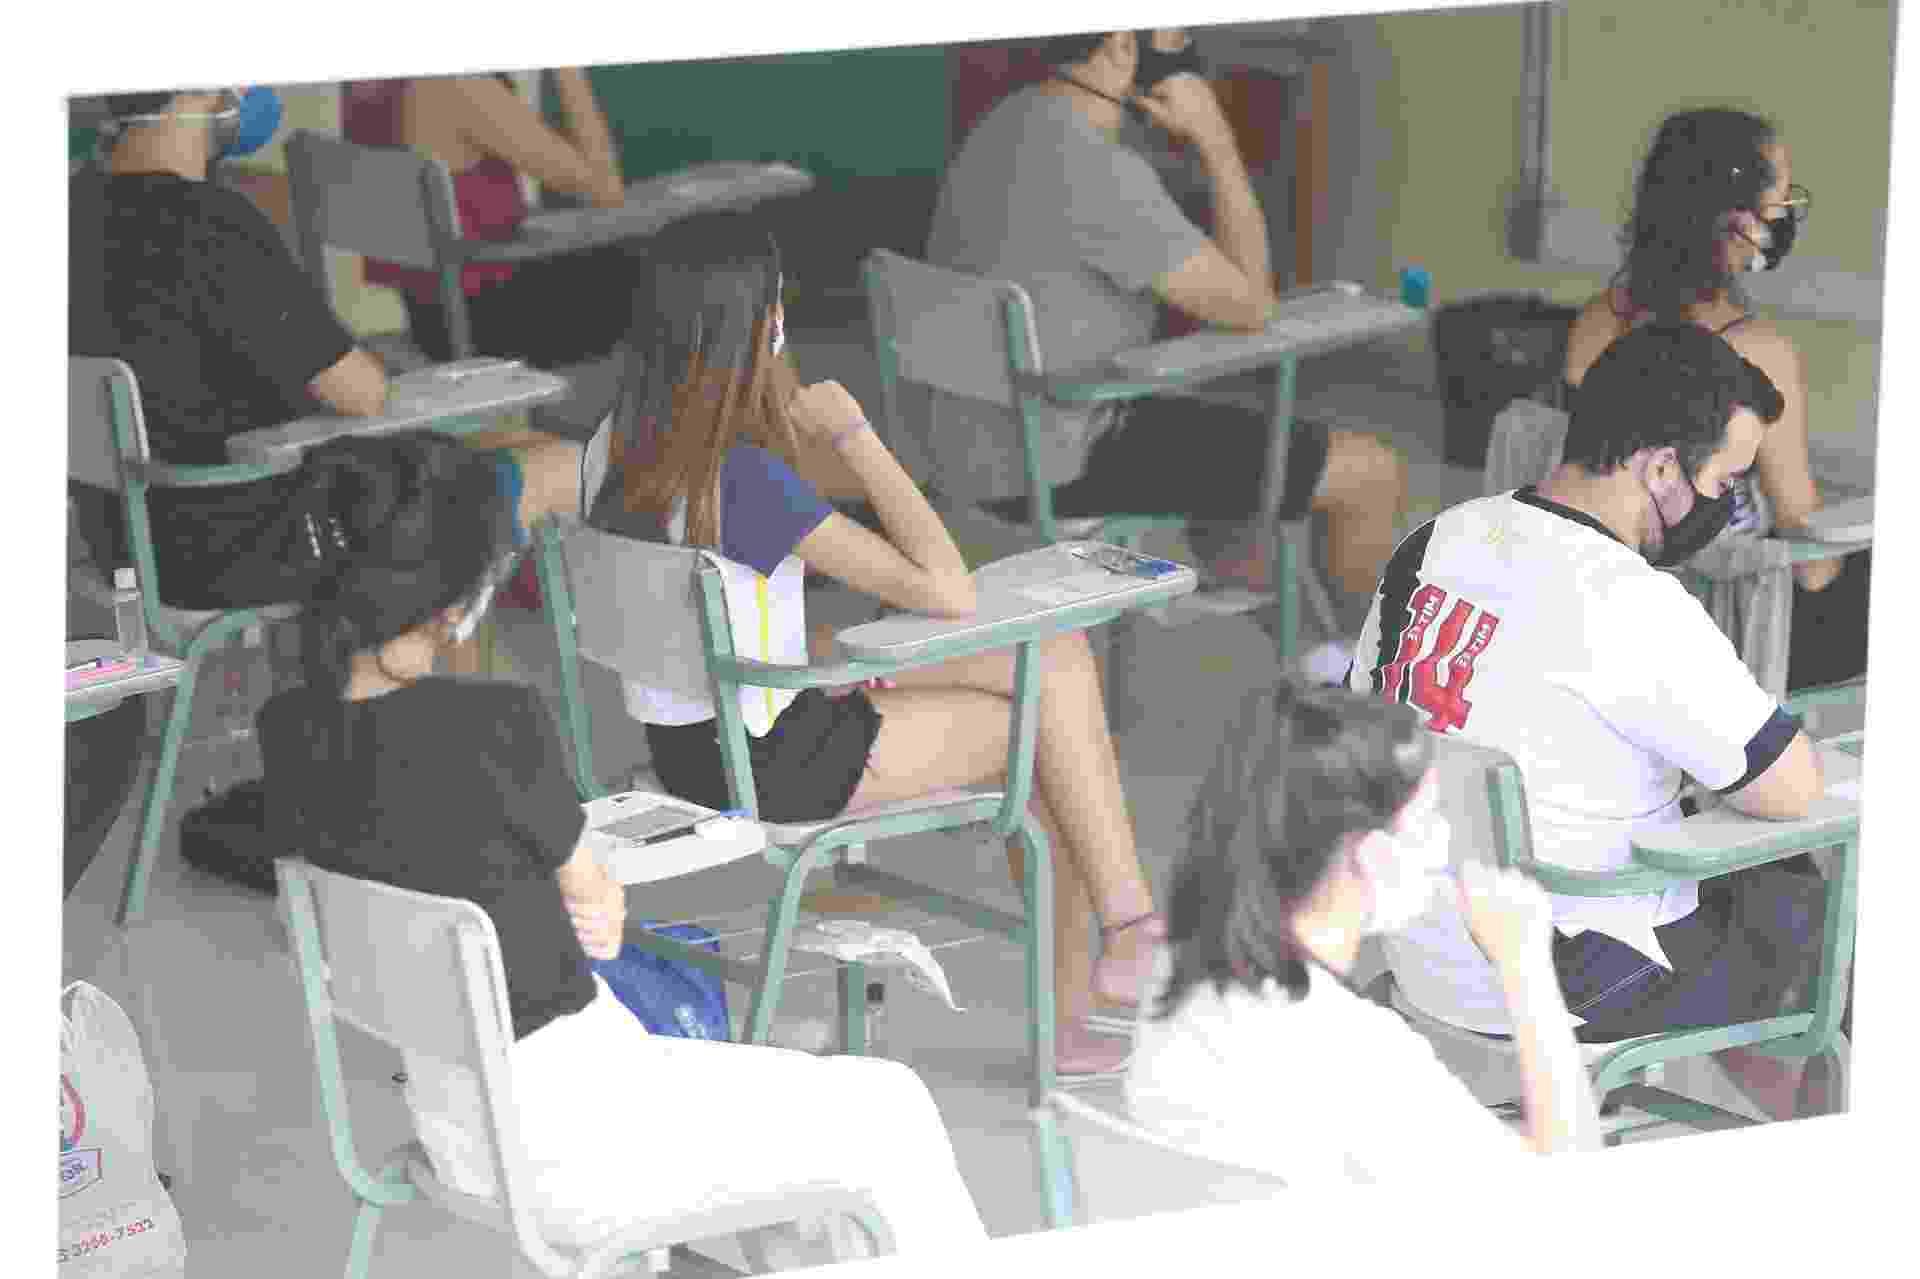 10.jan.2021 - Estudantes aguardam o início da primeira fase da Fuvest em sala na PUC de Campinas, no interior de São Paulo - Leandro Ferreira/Fotoarena/Estadão Conteúdo